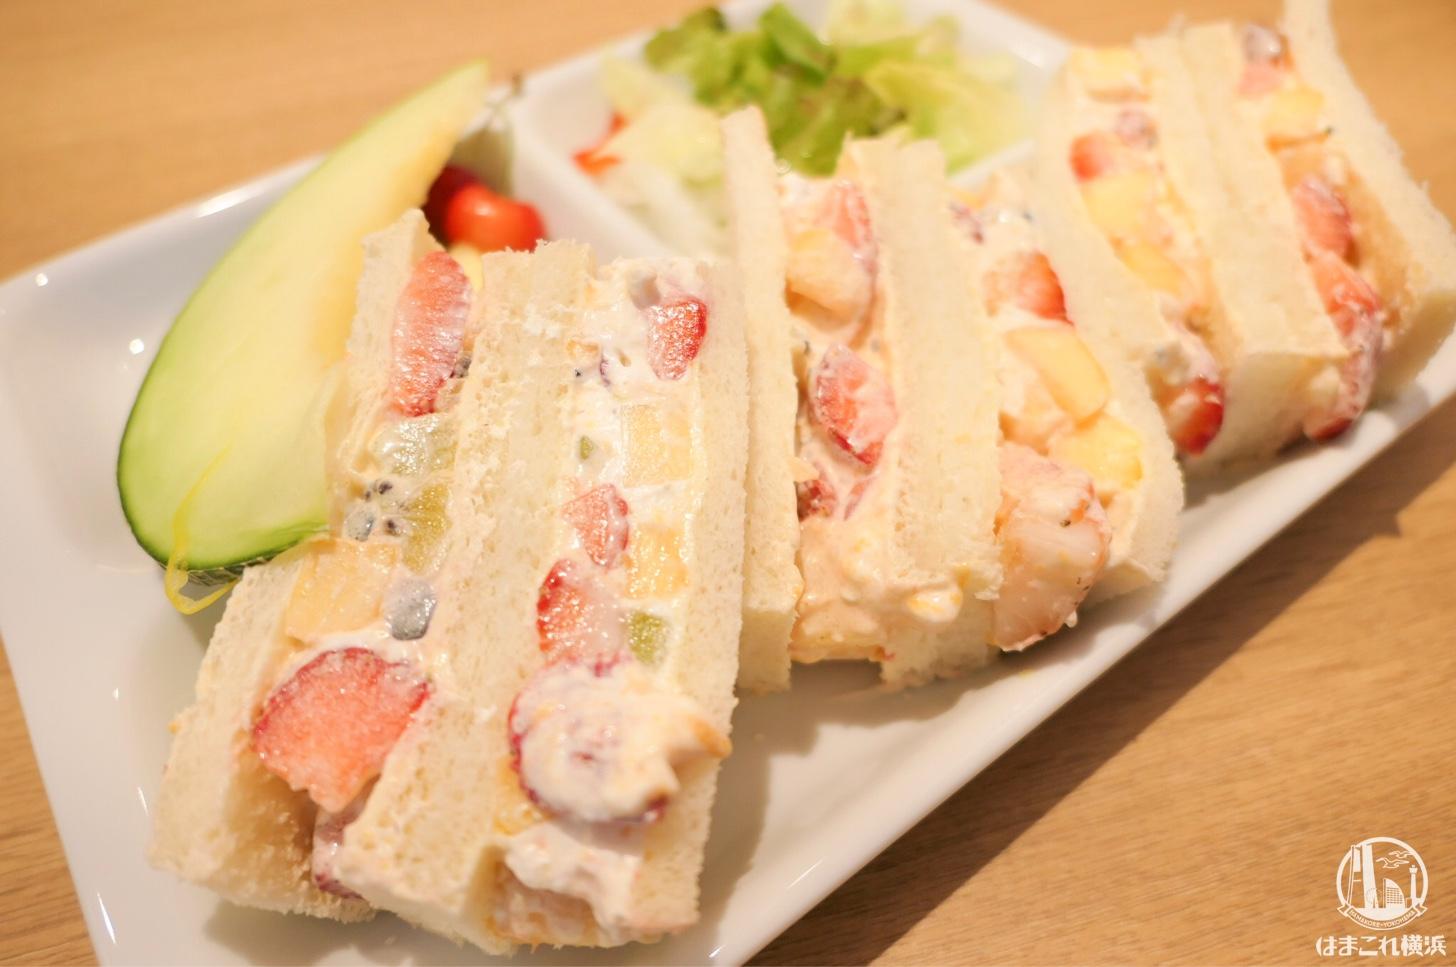 横浜「果実園リーベル」モーニングのパンケーキとフルーツサンドがフルーツ盛り盛りで安くて最強!